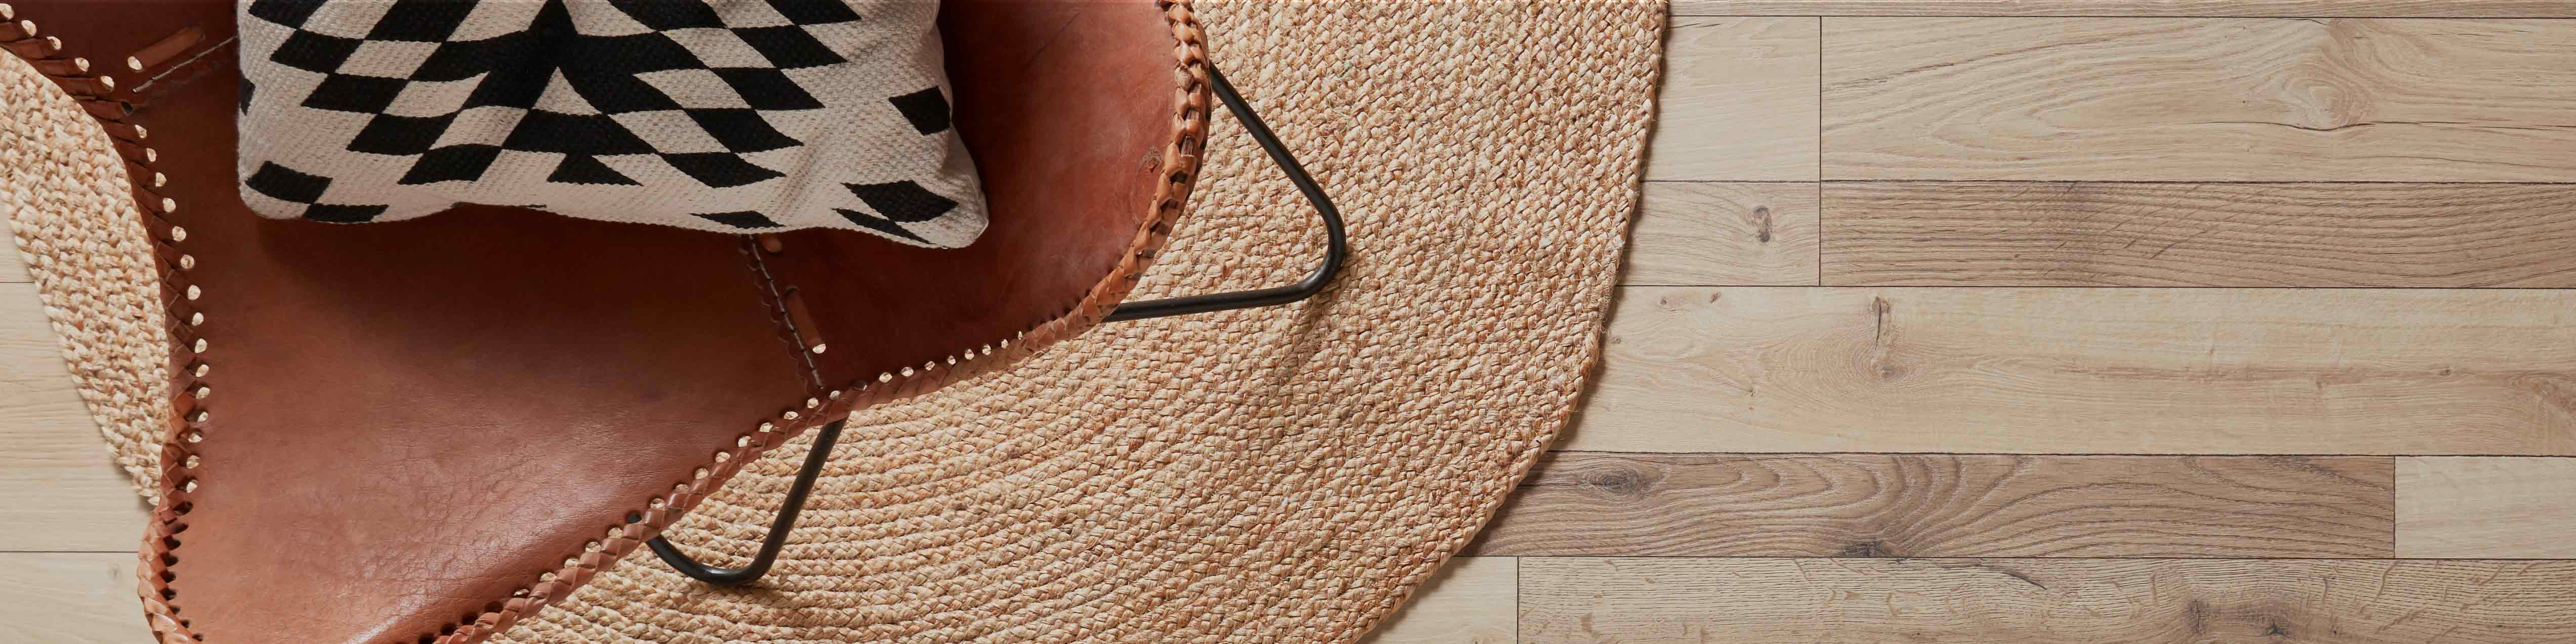 Stratifié aspect bois marron